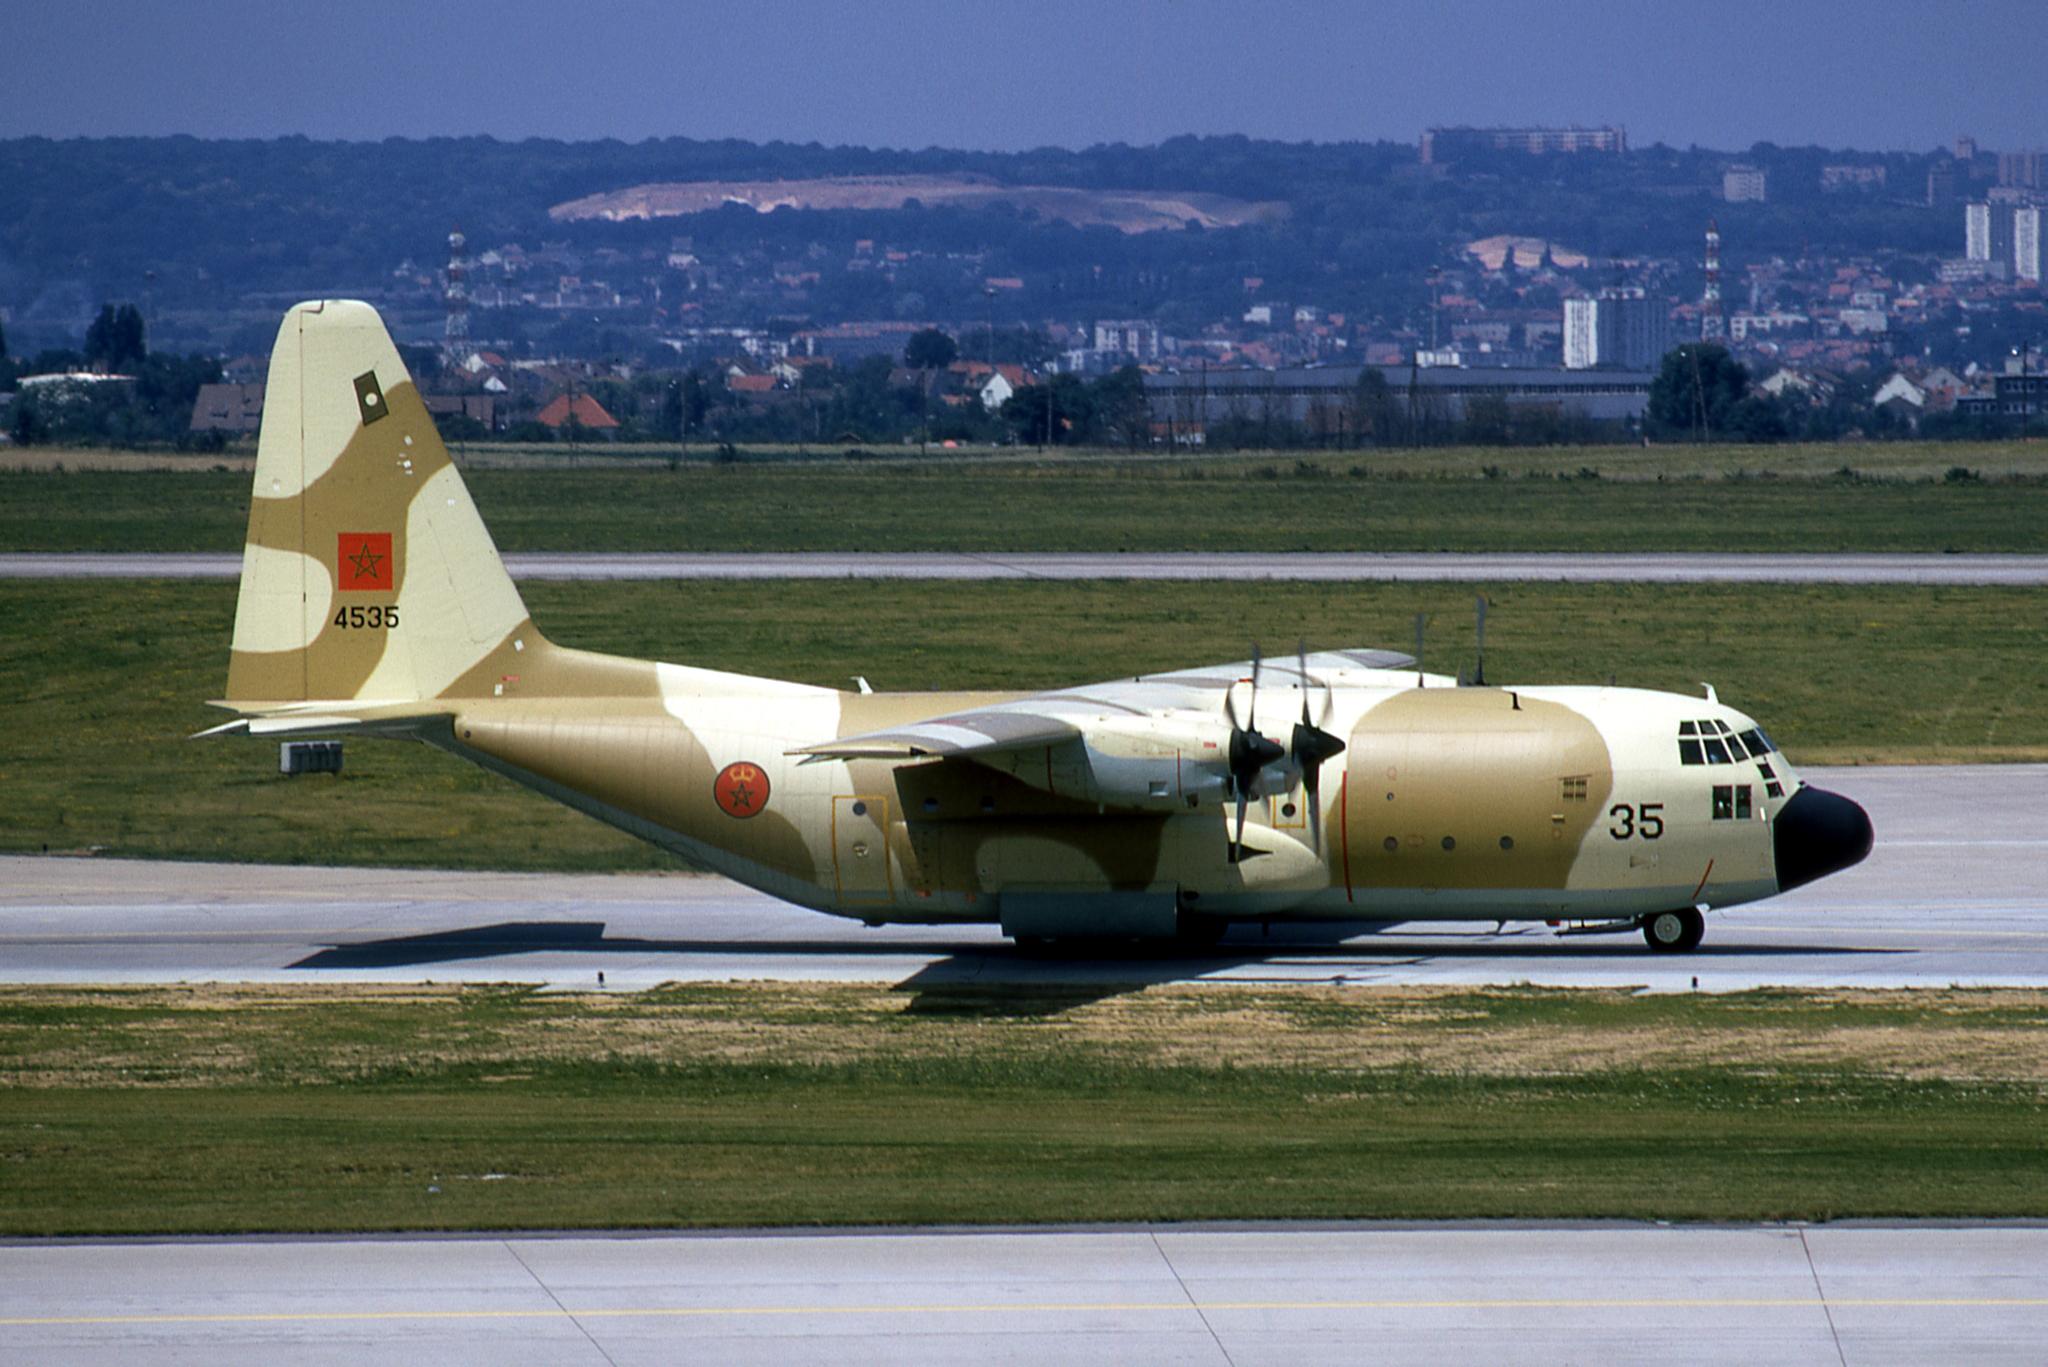 FRA: Photos d'avions de transport - Page 38 48463477147_3f603e32ca_o